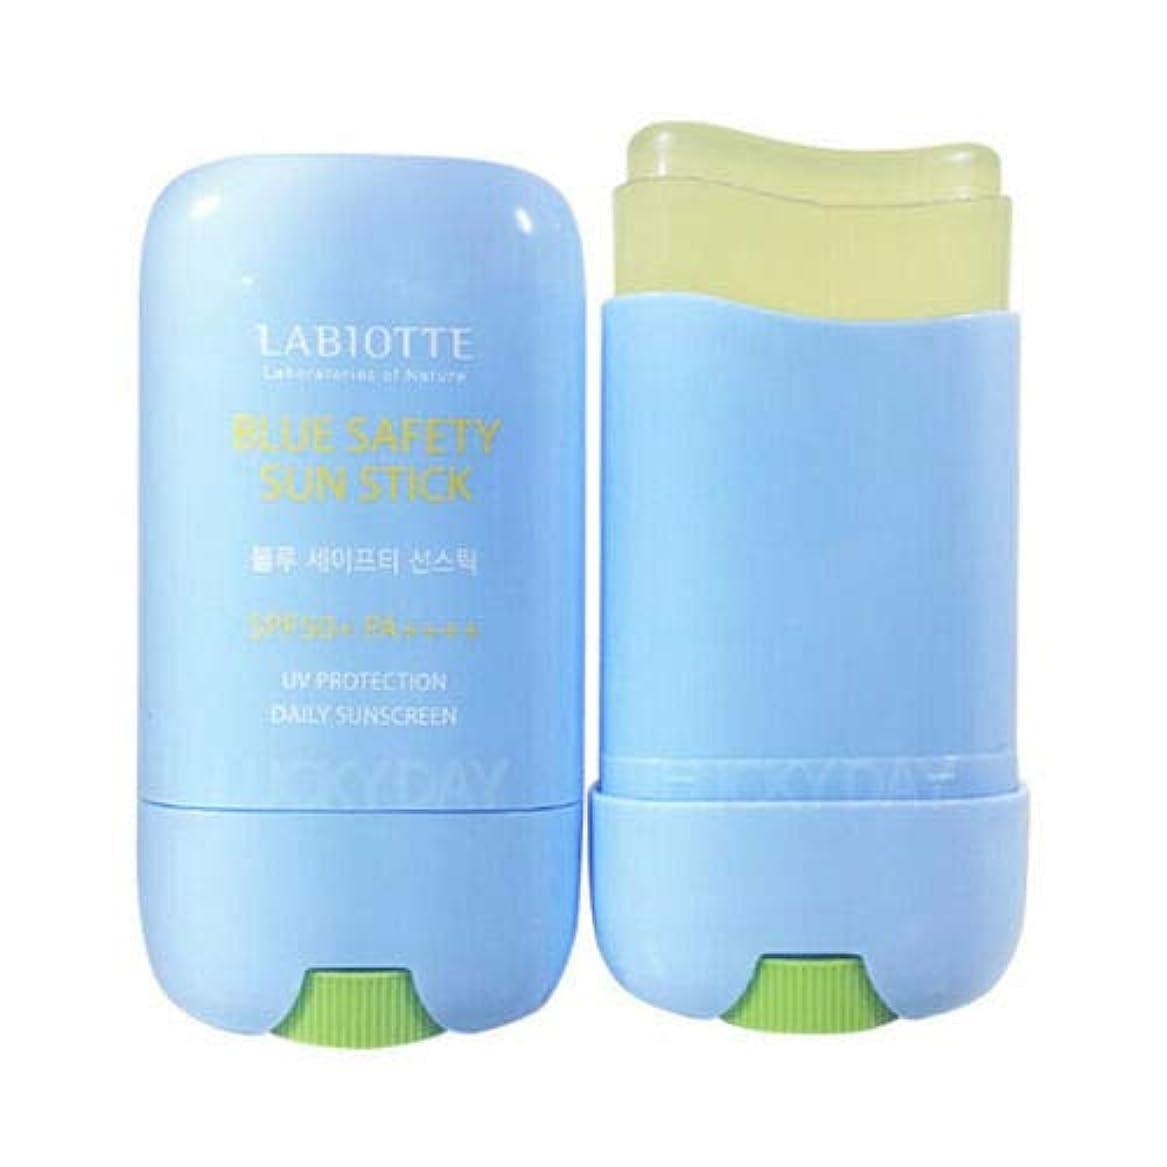 争い神経衰弱不快なLABIOTTE ラビオッテ ブルーセーフティーサンスティック 25g SPF50+ PA++++ Blue Safety Sun Stick 韓国日焼け止め